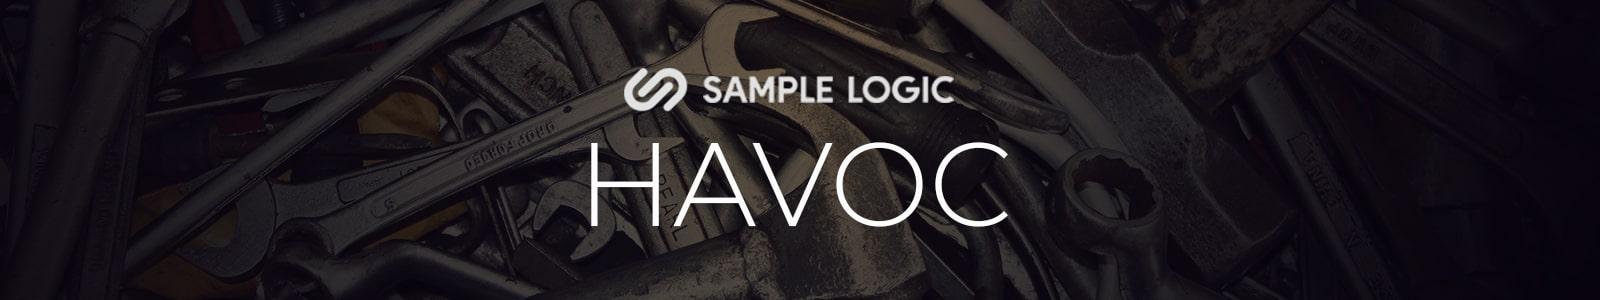 HAVOC by sample logic